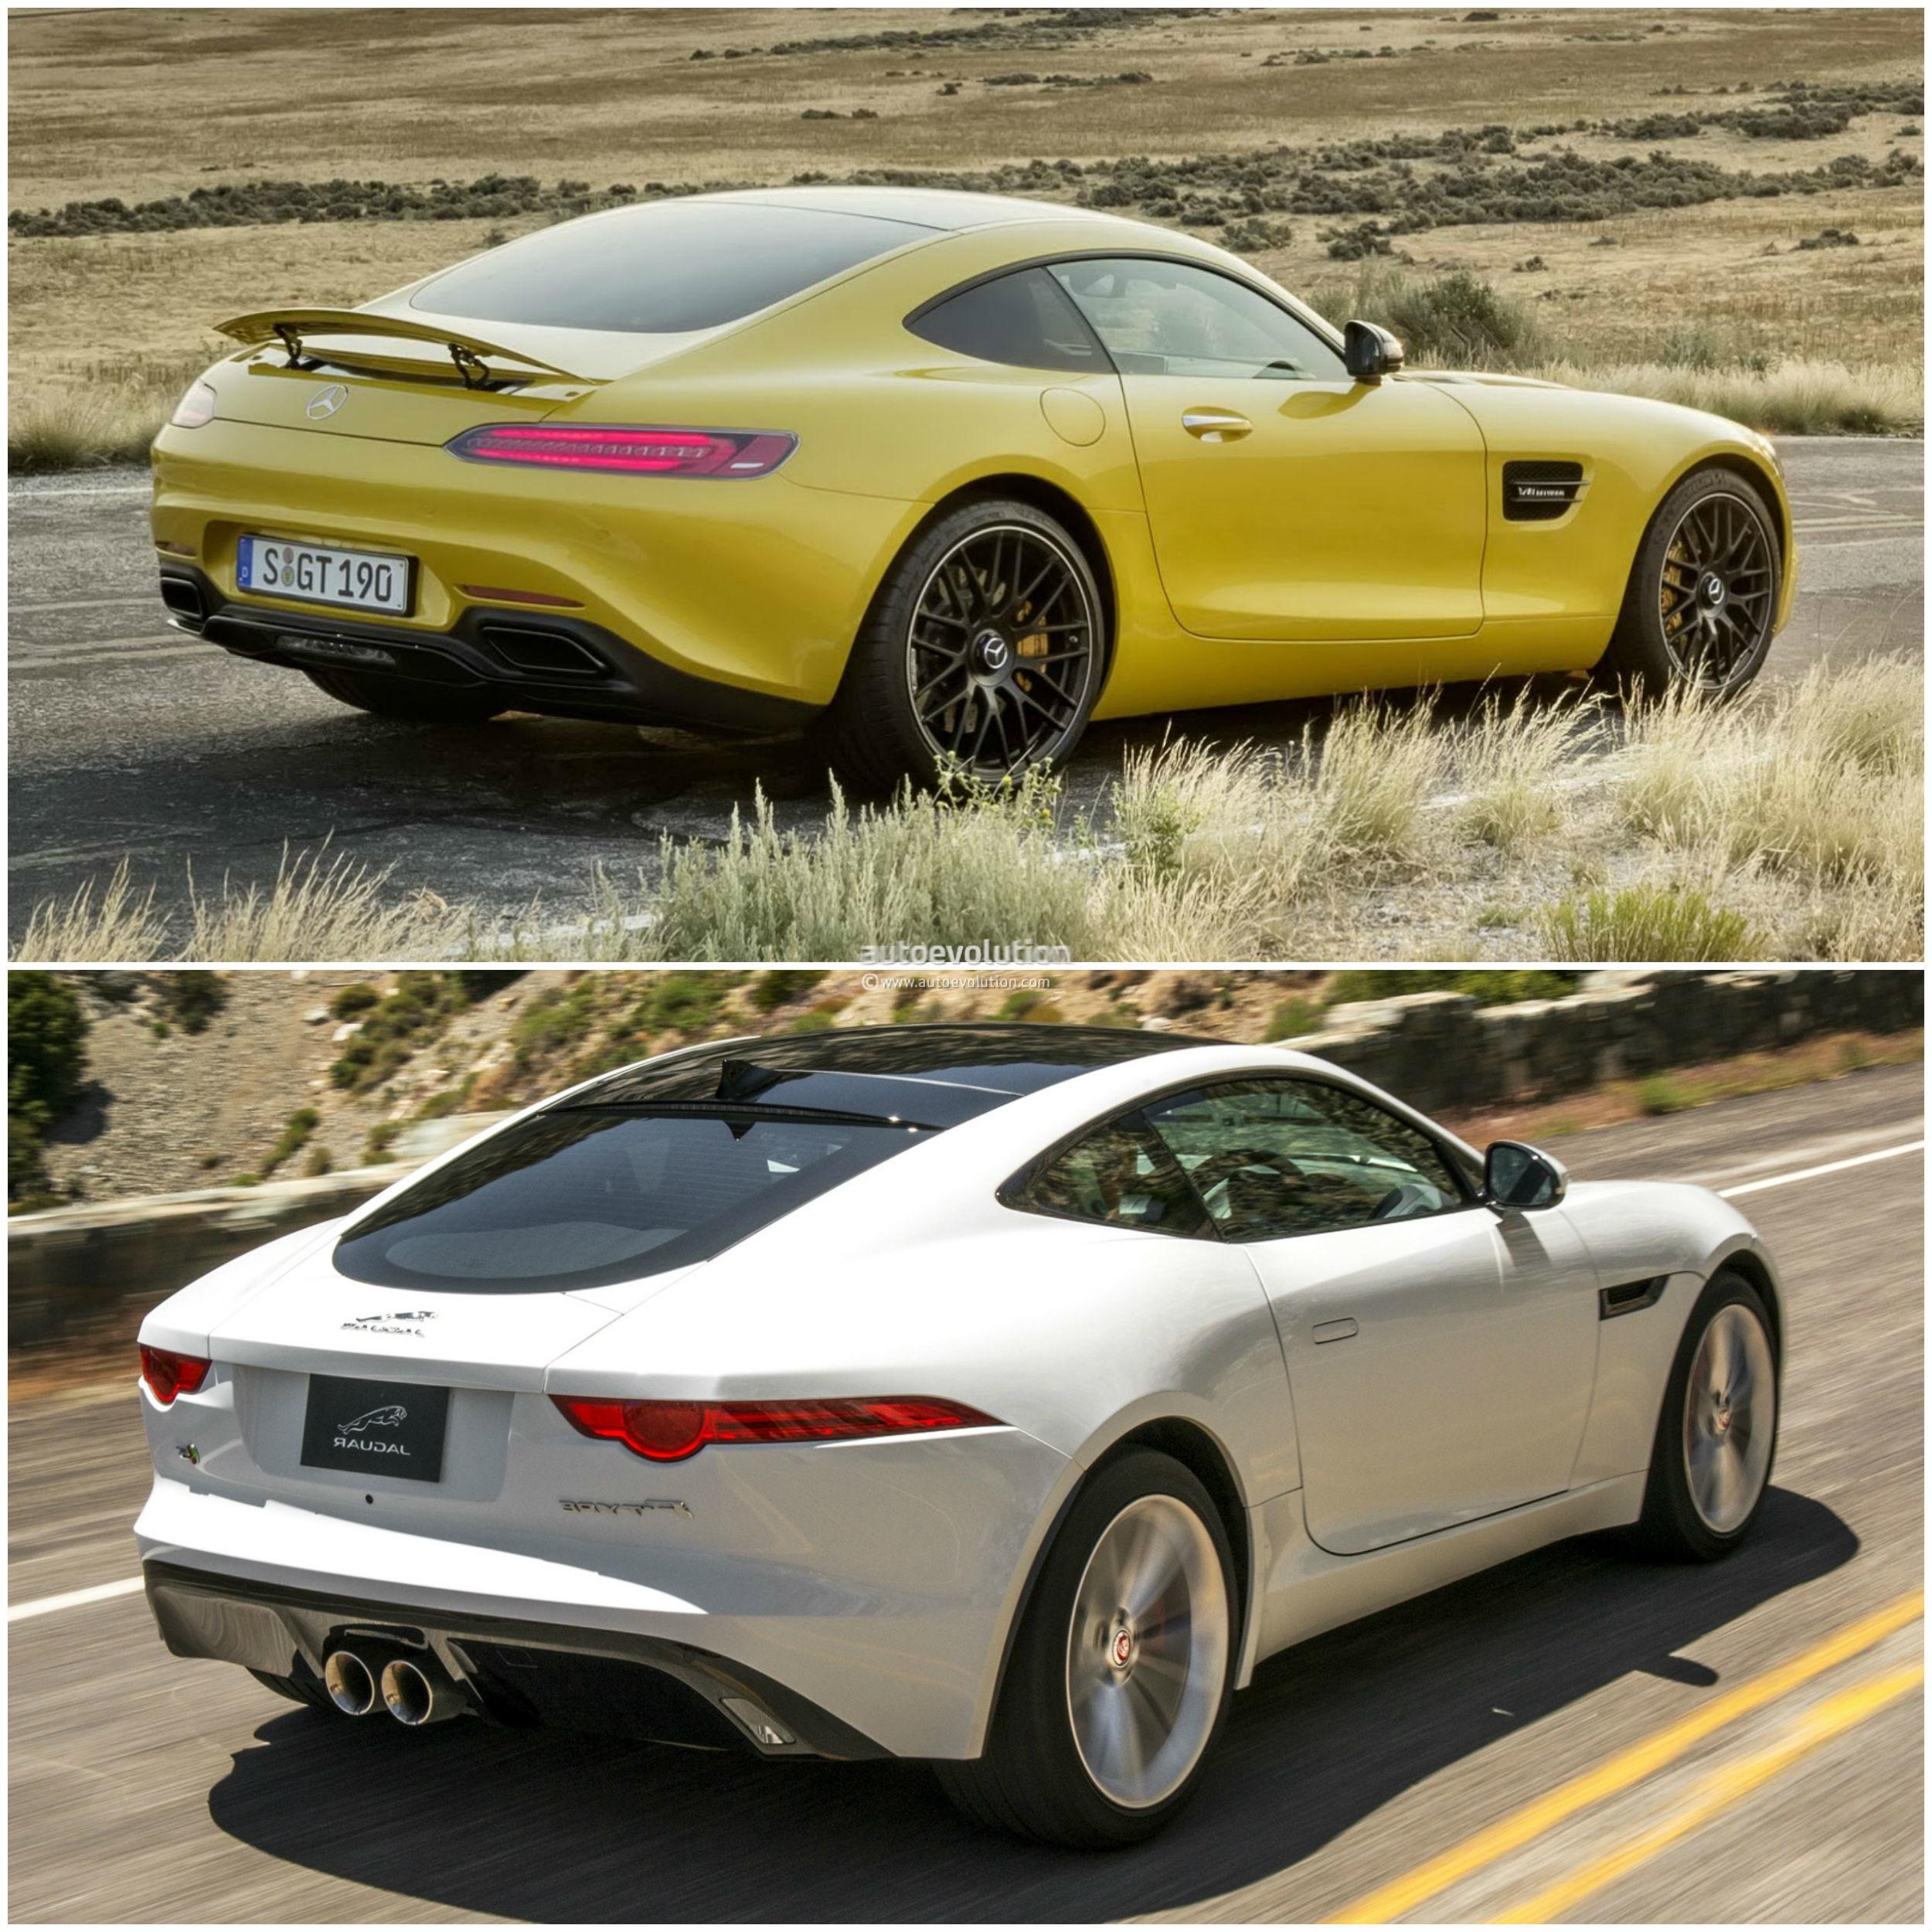 Mercedes Amg Gt Vs Jaguar F Type Coupe Photo Comparison